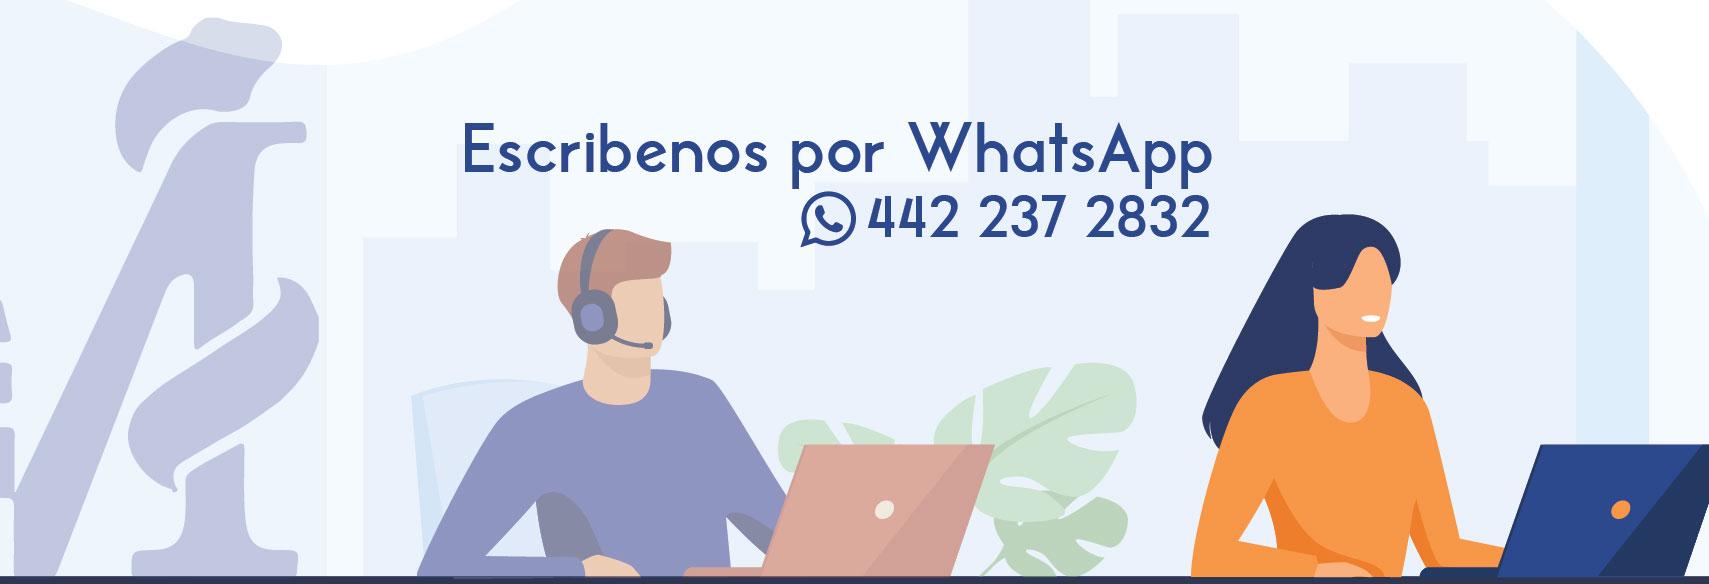 ESCRIBENOS POR WHATS02-01